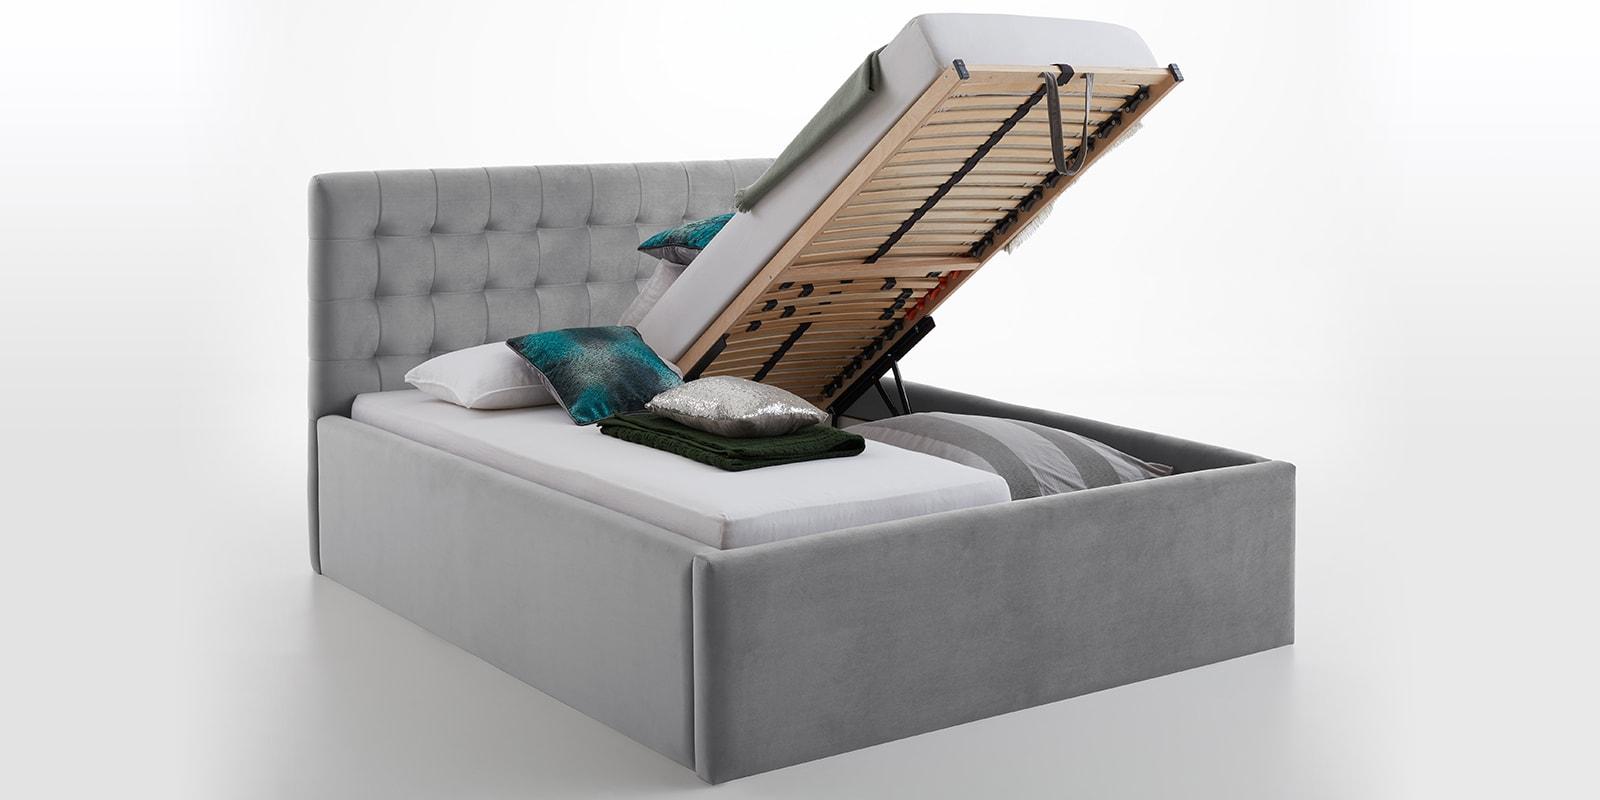 Moebella24 - Bett - mit - Bettkasten - Molly - Smaragd - Grau - XXL-Bettkasten - Bettkasten - und - Lattenrost - vormontiert - Kopfteil - mit - Steppungen